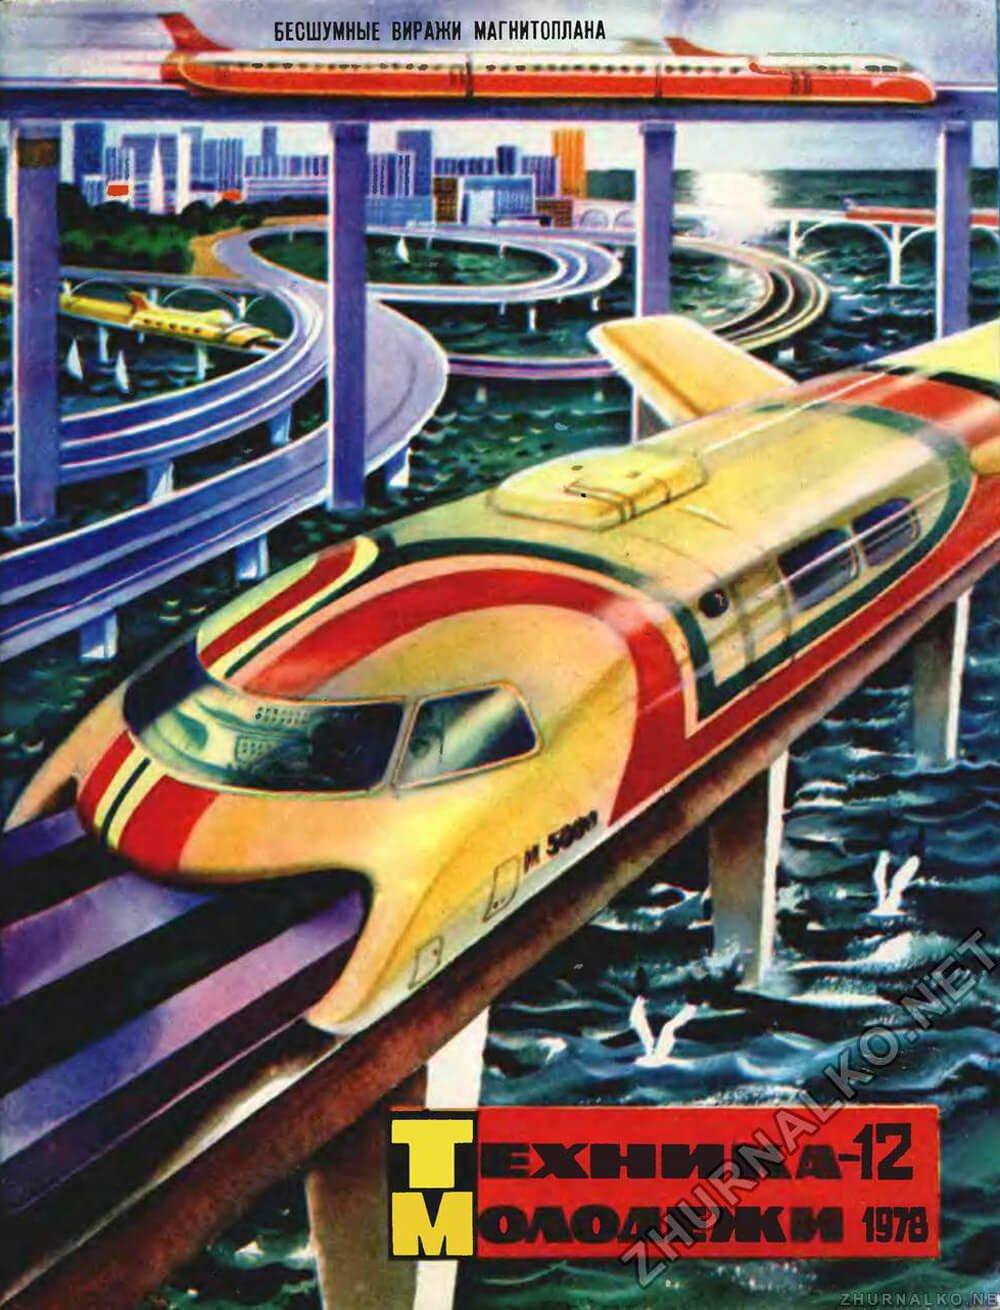 Así imaginaban el futuro en la antigua Unión Soviética Transport22